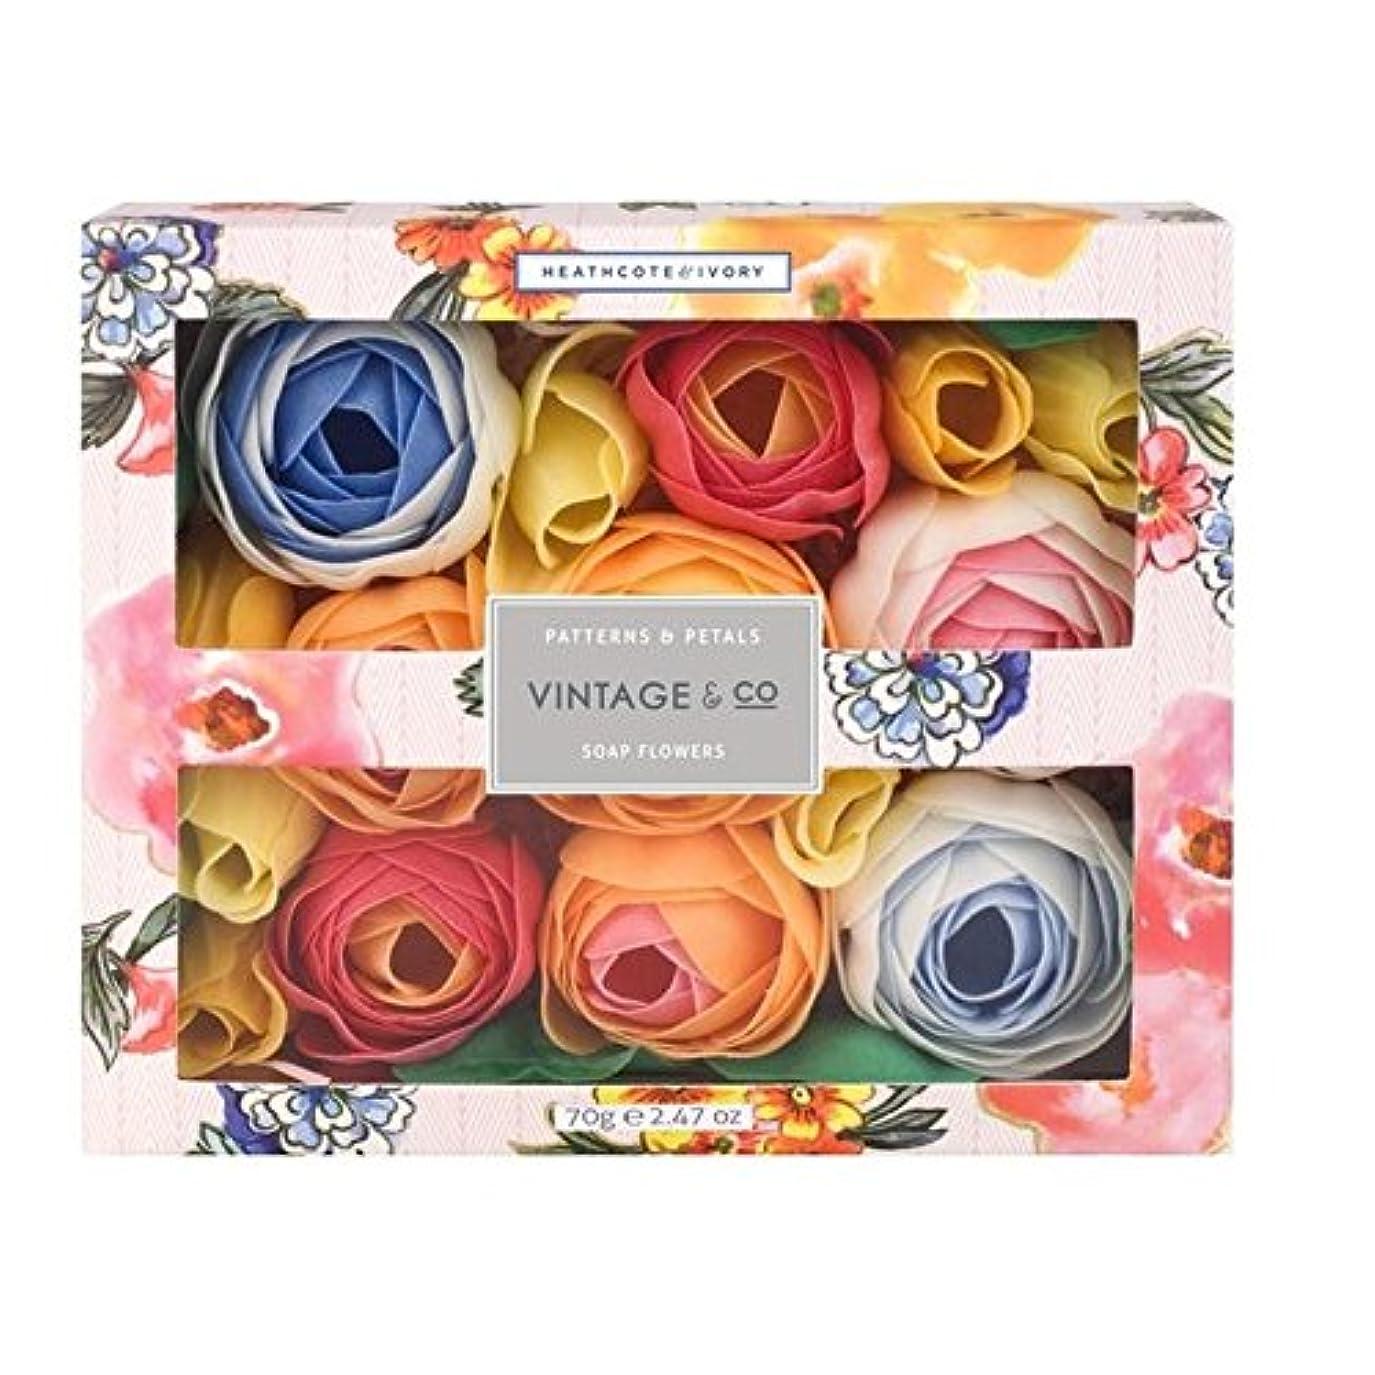 マイルストーン作ります恥ずかしいHeathcote & Ivory Patterns & Petals Soap Flowers 70g - ヒースコート&アイボリーパターン&花びら石鹸の花70グラム [並行輸入品]